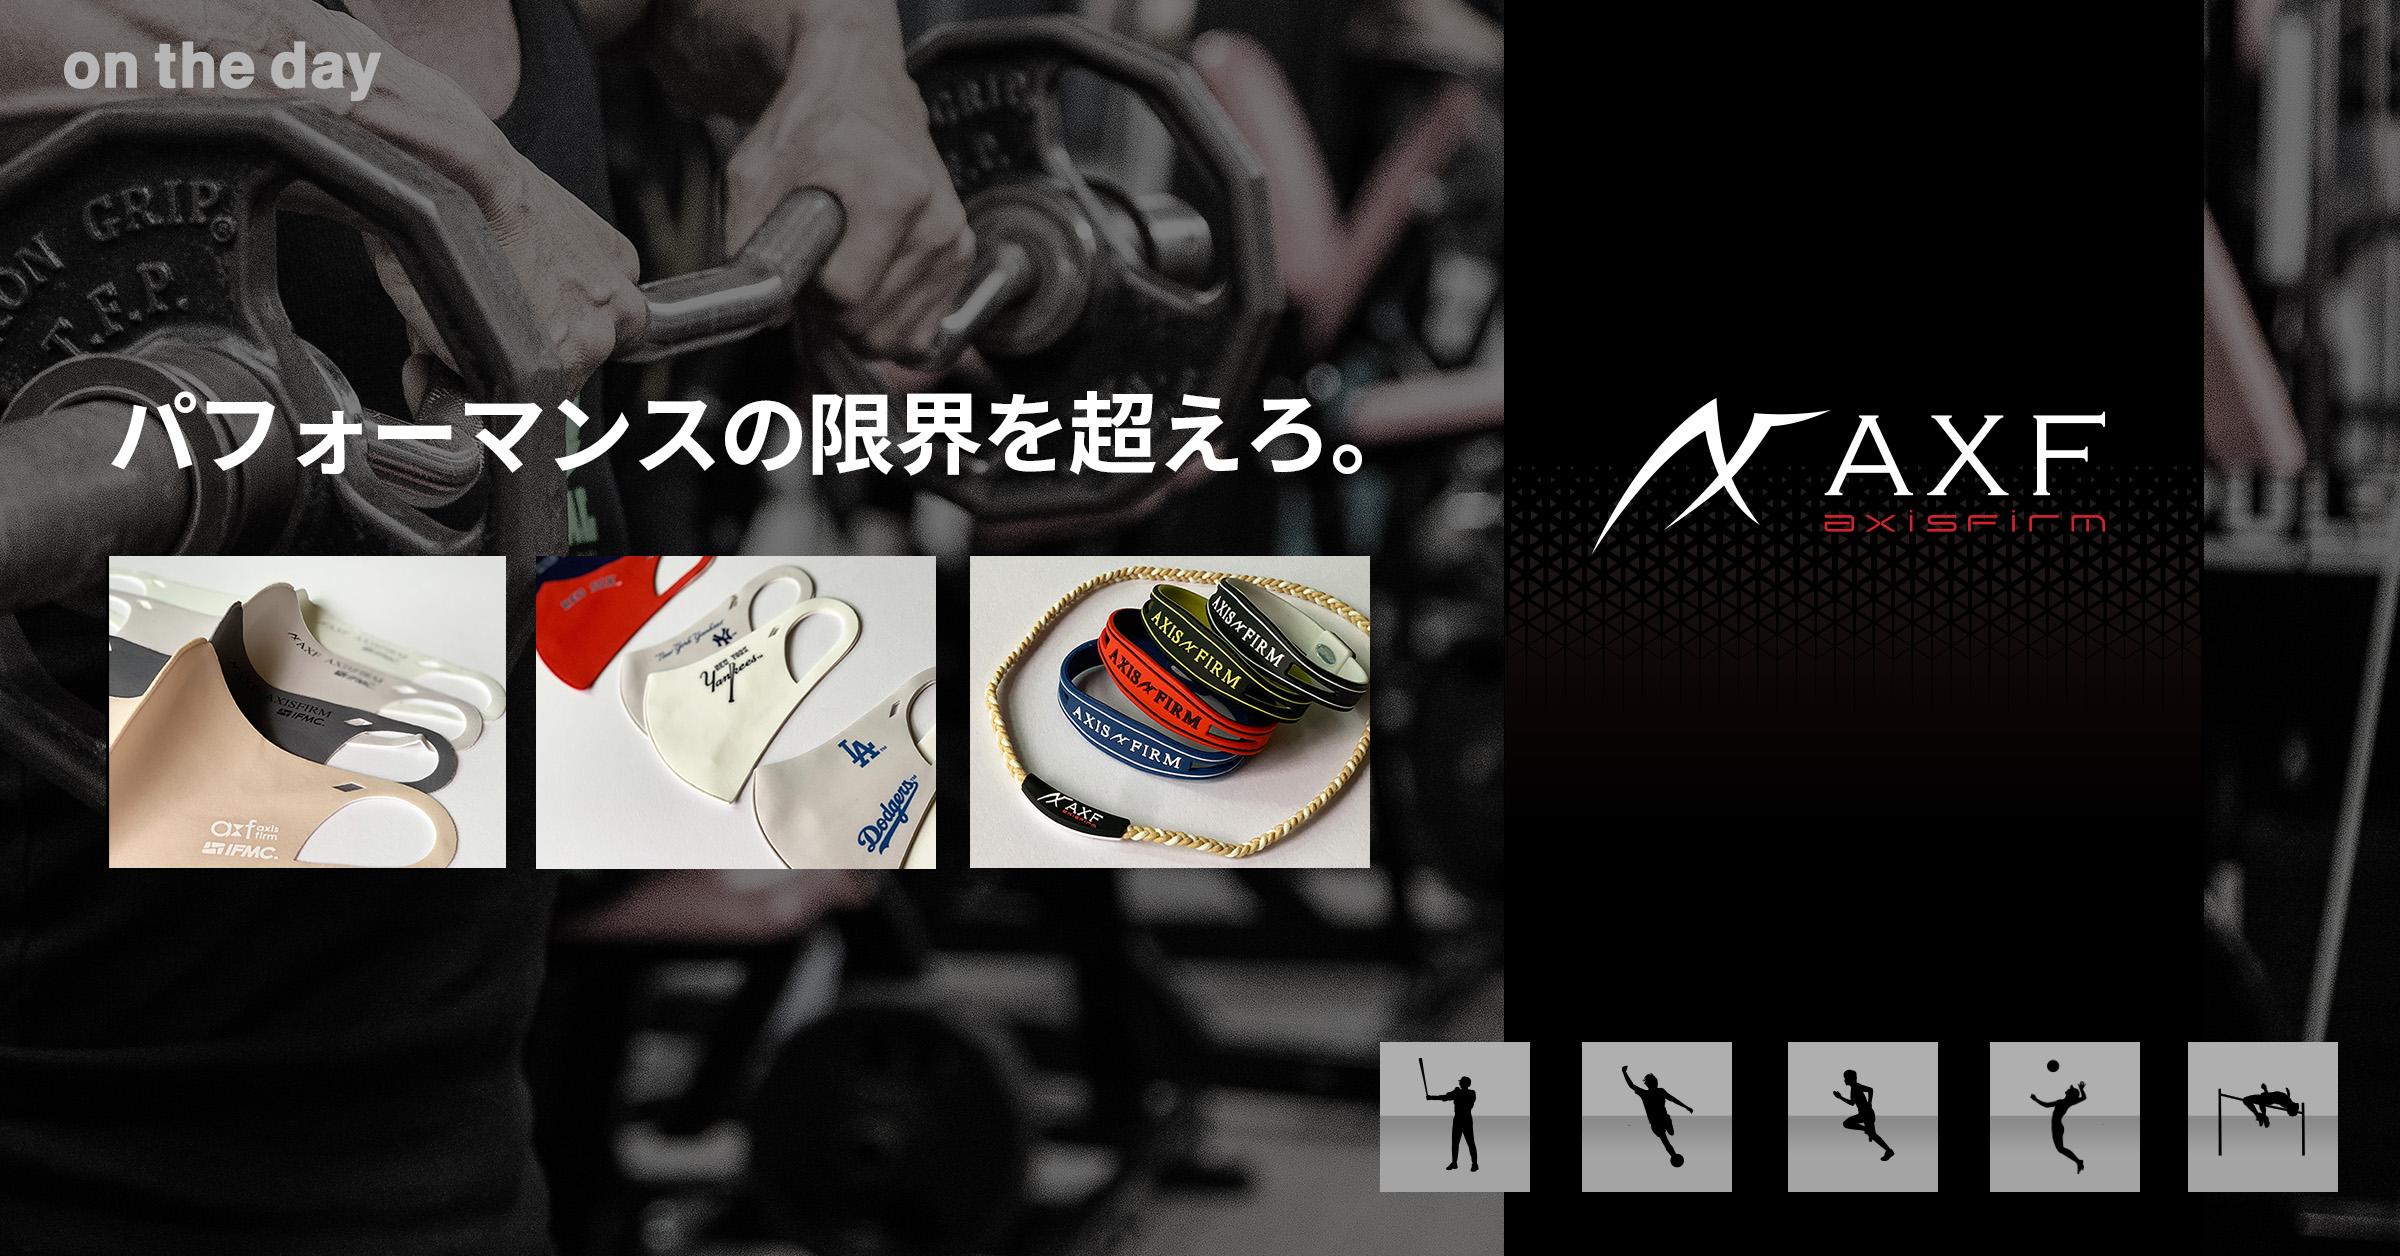 スポーツに最適!ハイパフォーマンスギア【AXF/アクセフ】